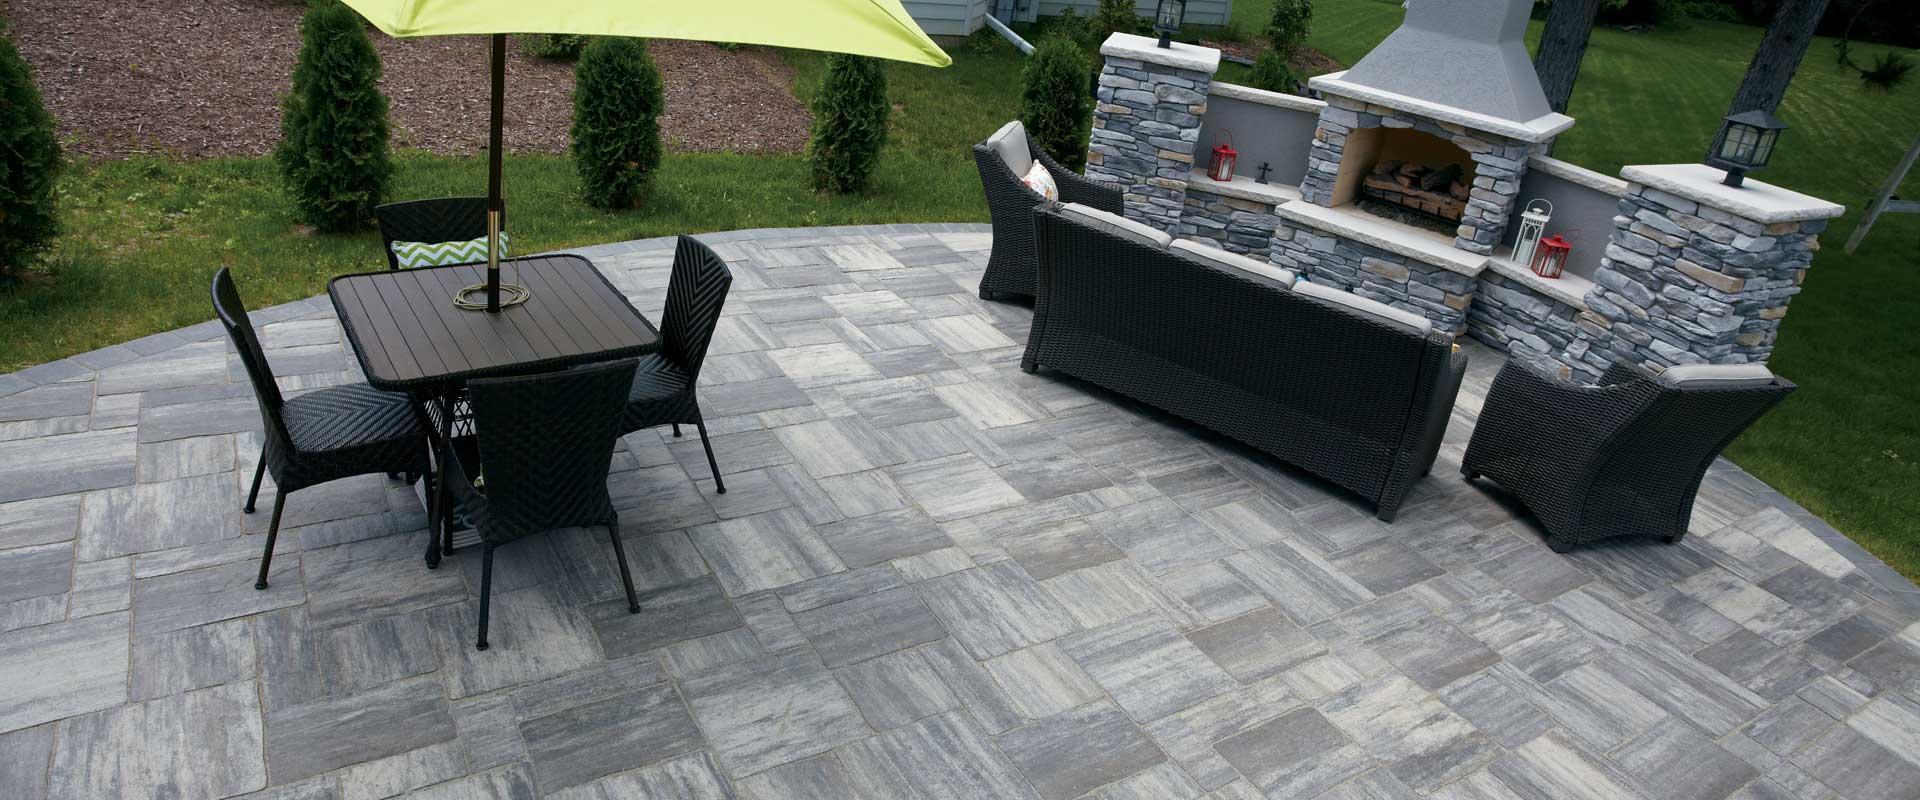 pavers u0026 patio stones HFBRZNG